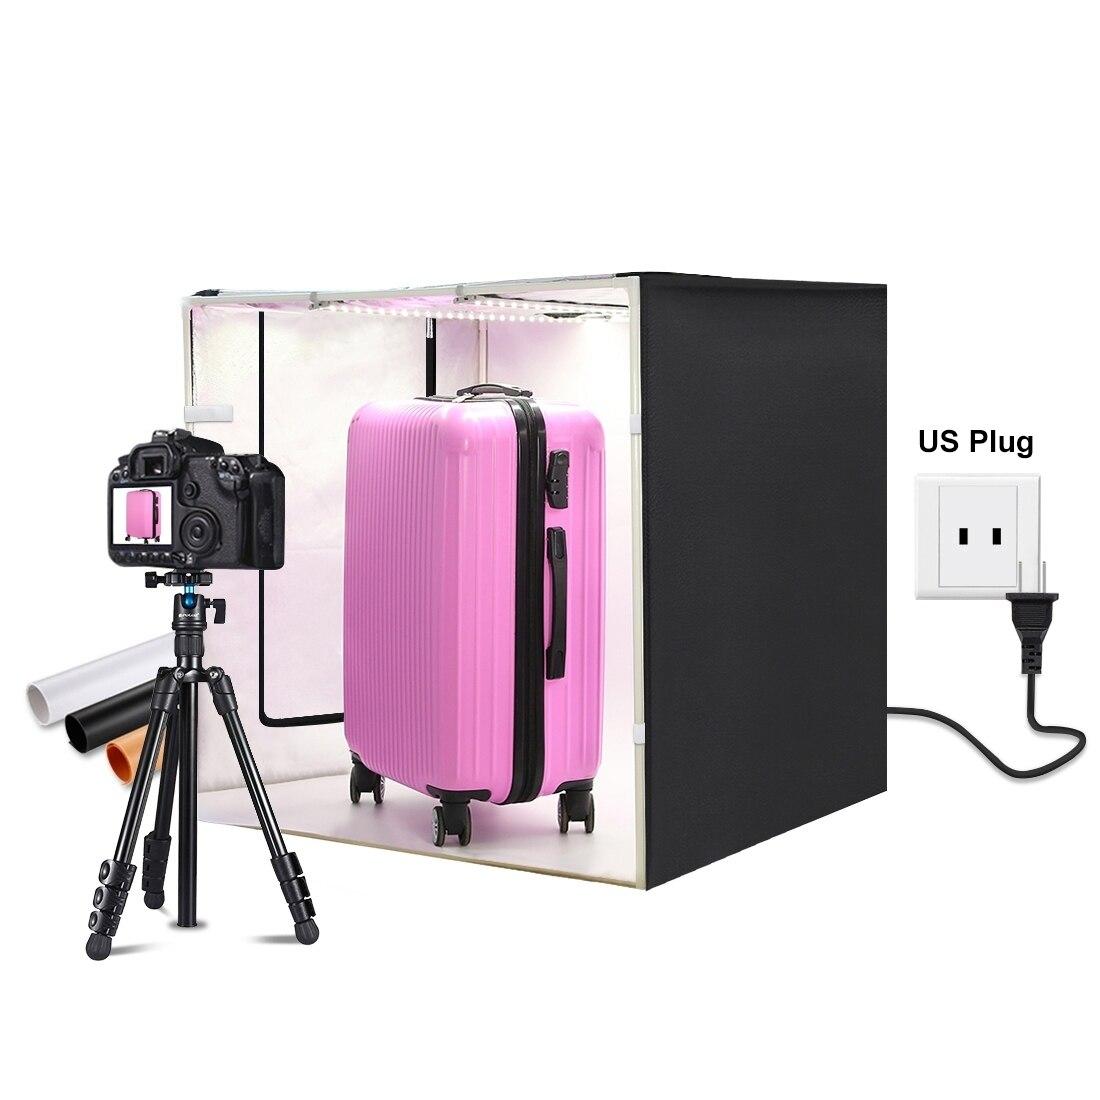 صندوق إضاءة محمول 80 سنتيمتر/31.5 بوصة ، خيمة تصوير قابلة للطي مع 3 ألوان خلفية ، مجموعة إضاءة للتصوير الفوتوغرافي